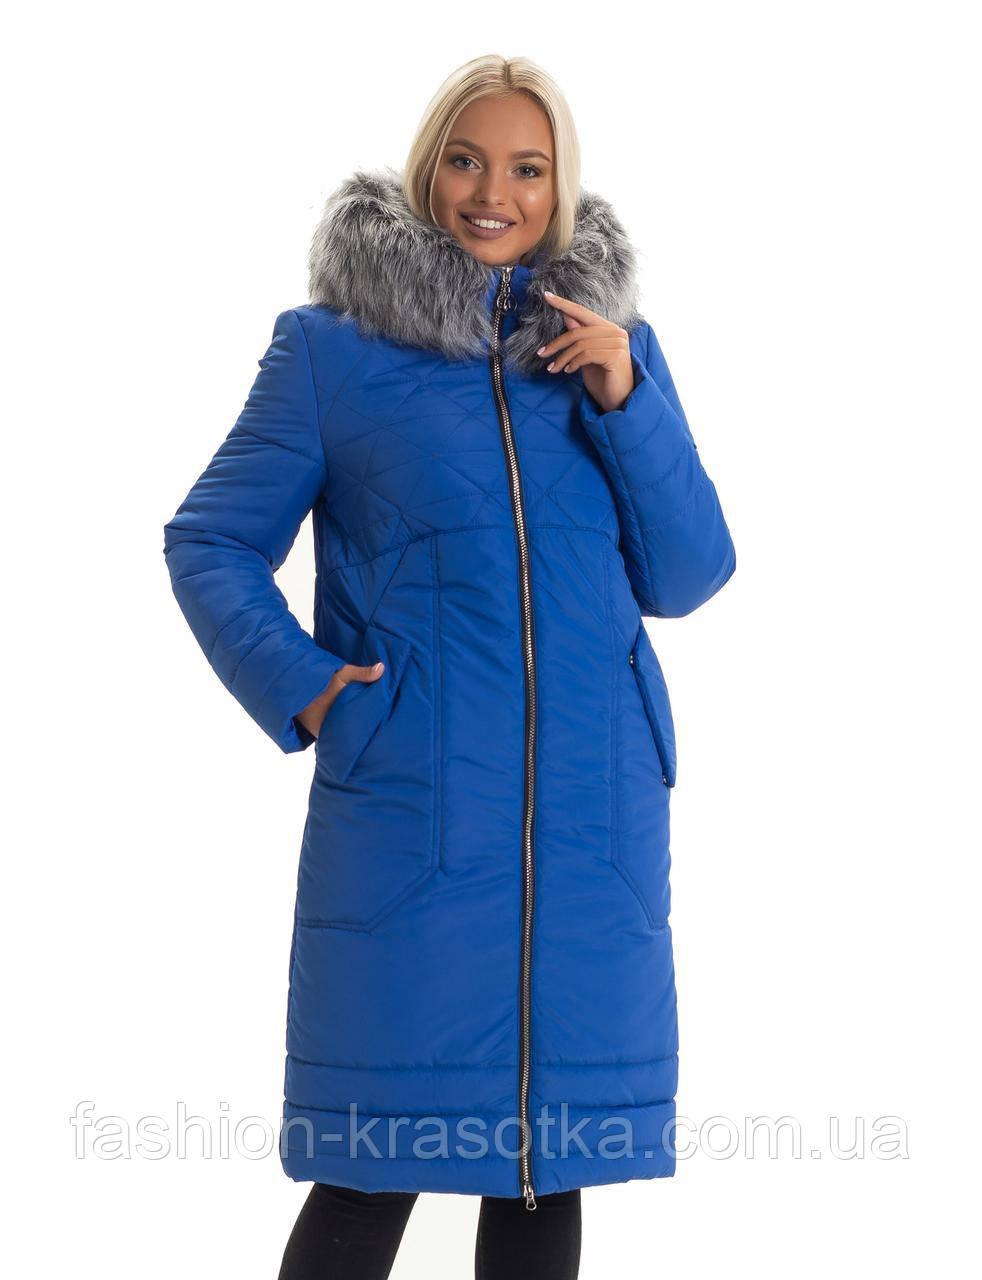 Шикарный женский зимний пуховик,размеры:44-56.